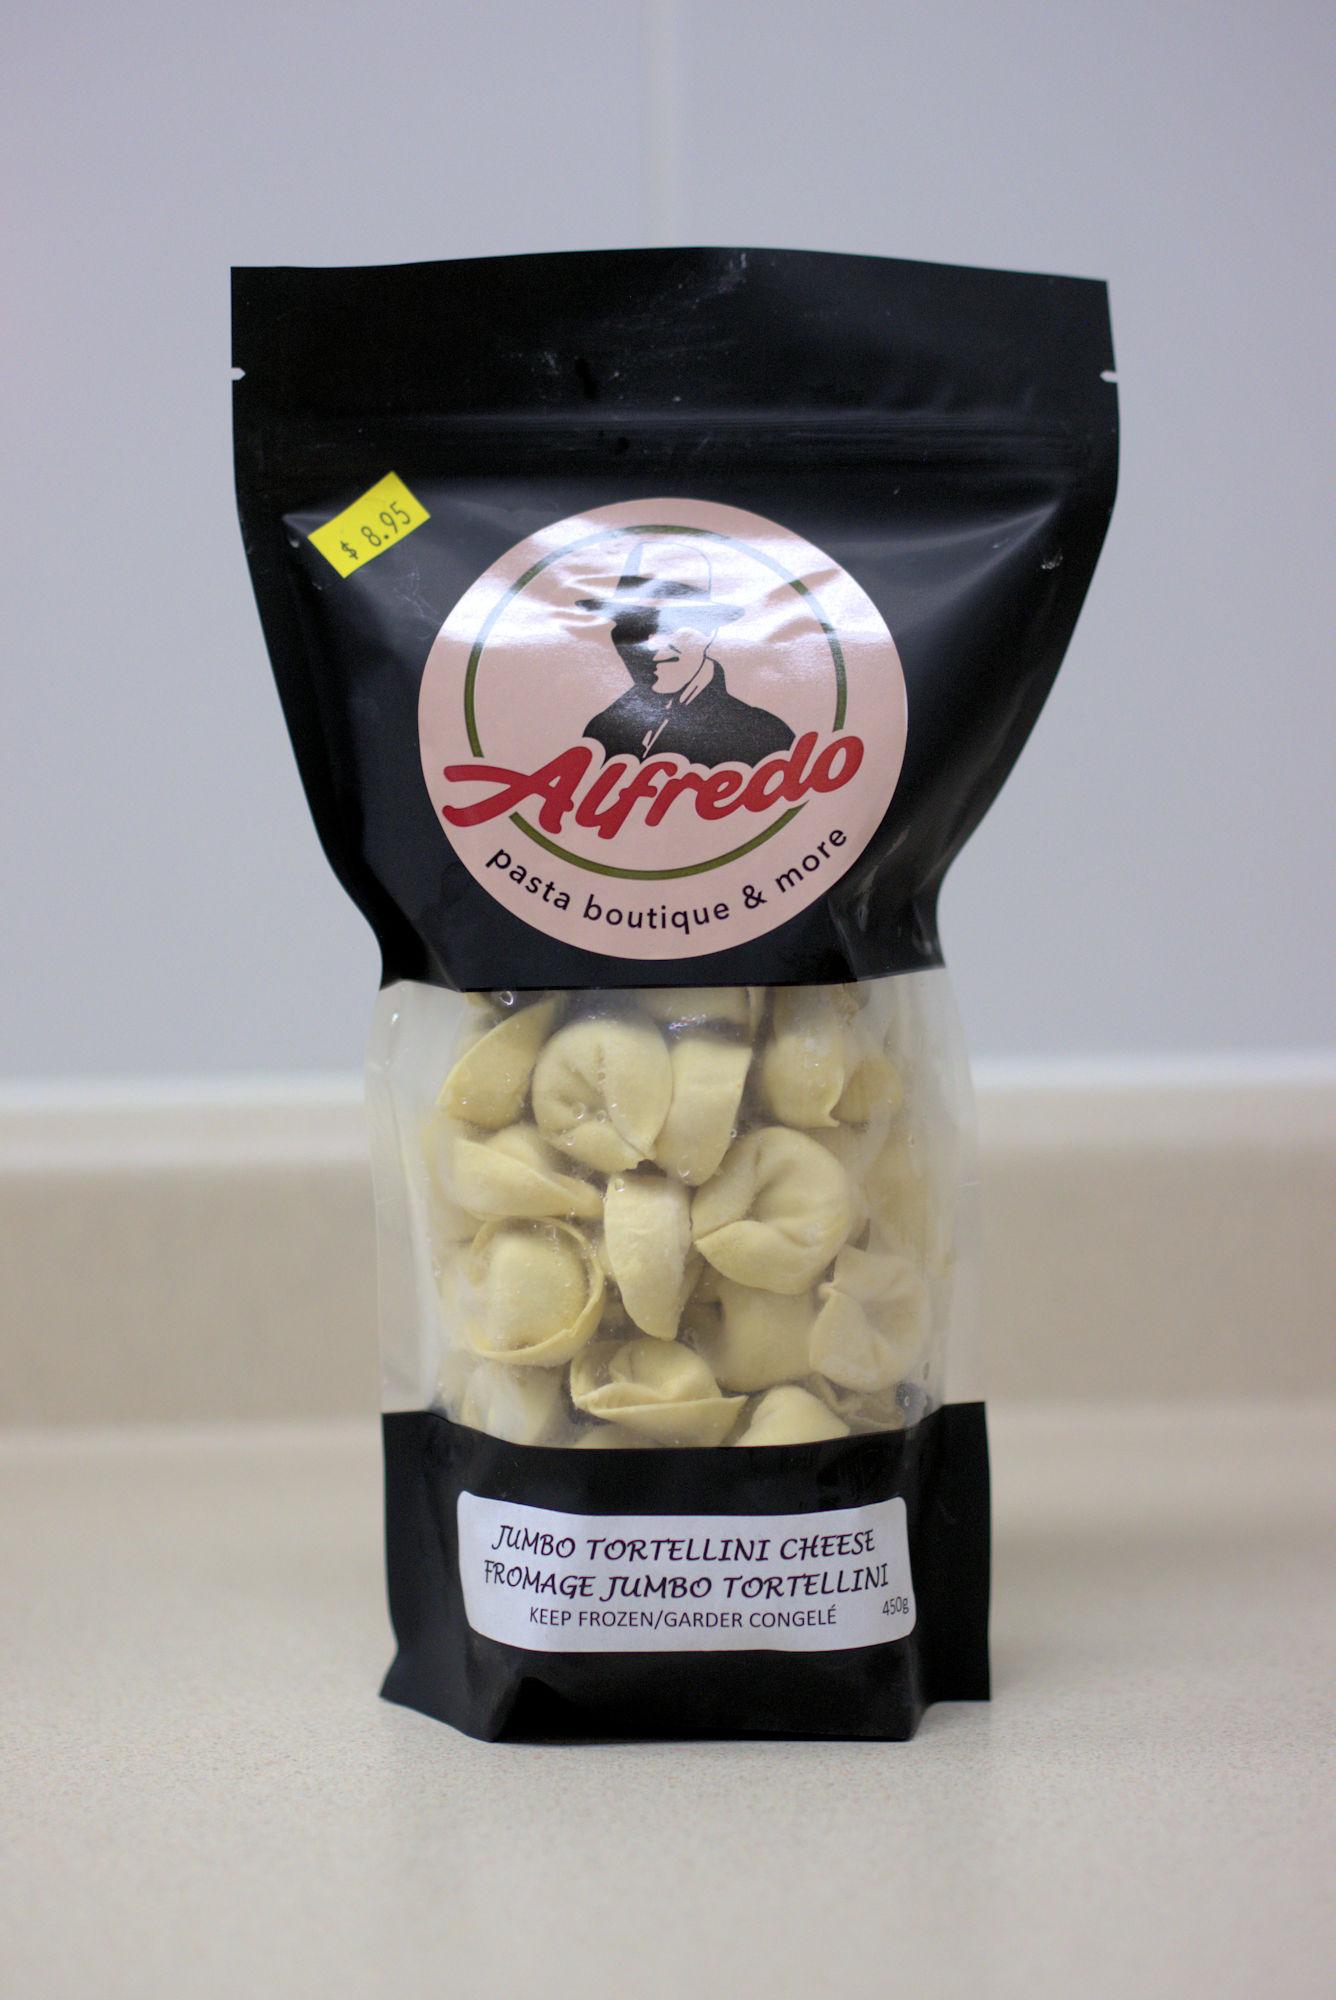 Tortellini - Jumbo Cheese